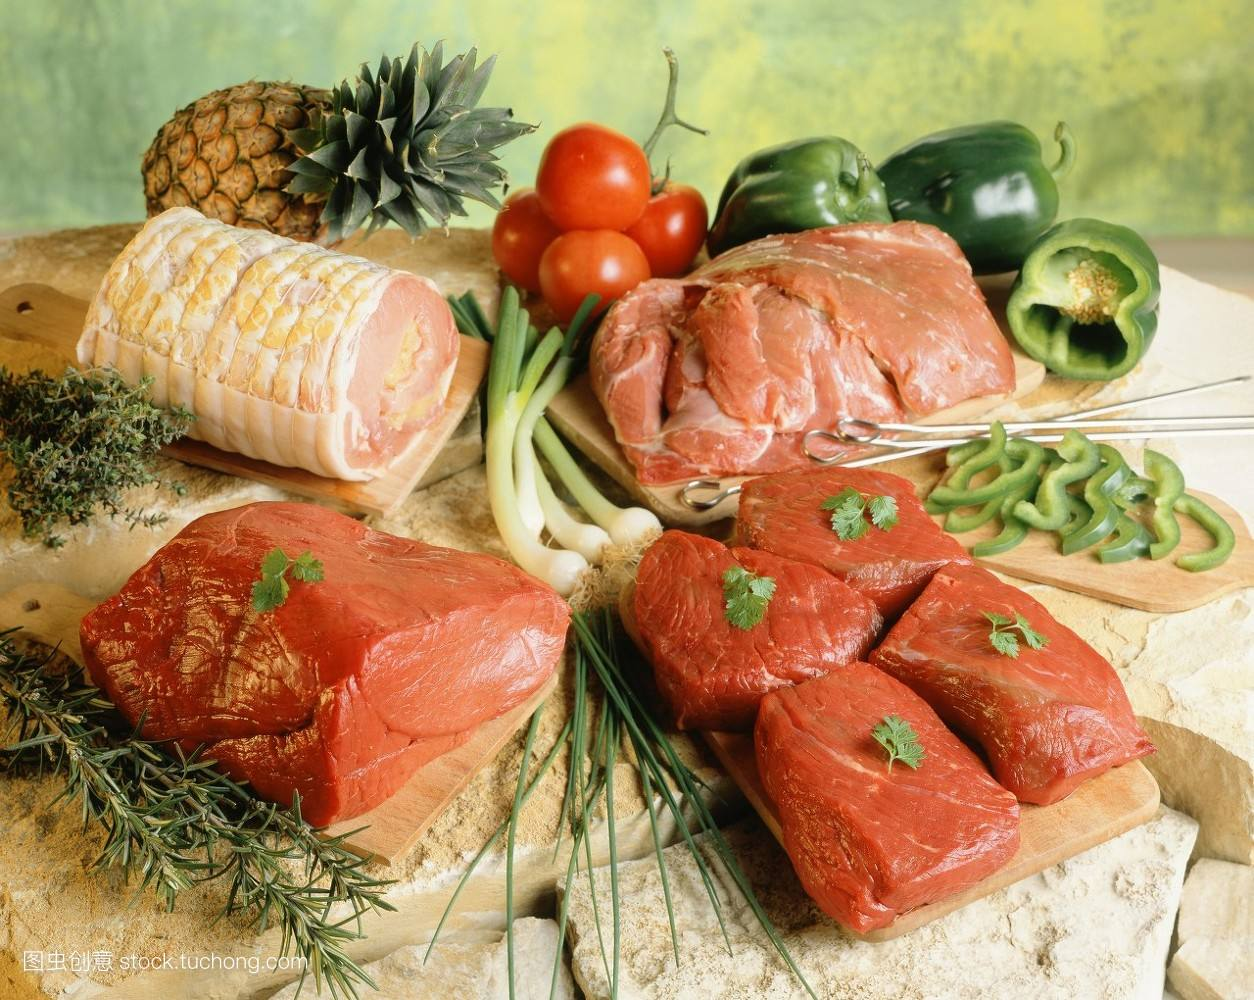 桃园机场提醒旅客:蔬果肉类及宠物食品禁带入境